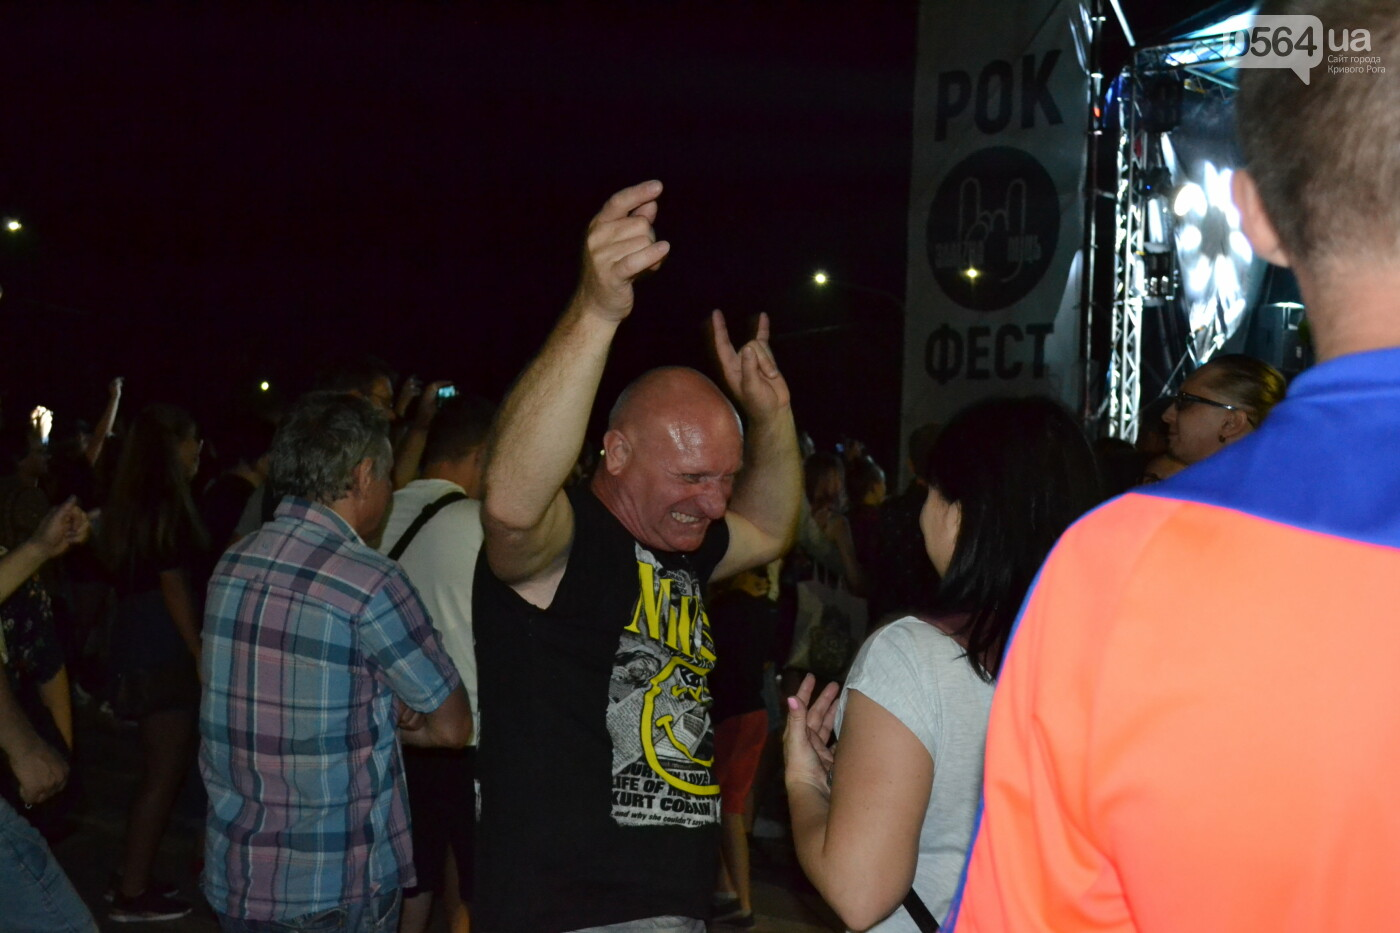 """Музыканты раскрыли душу, а зрители - открыли сердца: лица и эмоции на  криворожском рок-фесте """"ЗаліZна міць"""", - ФОТО, фото-38"""